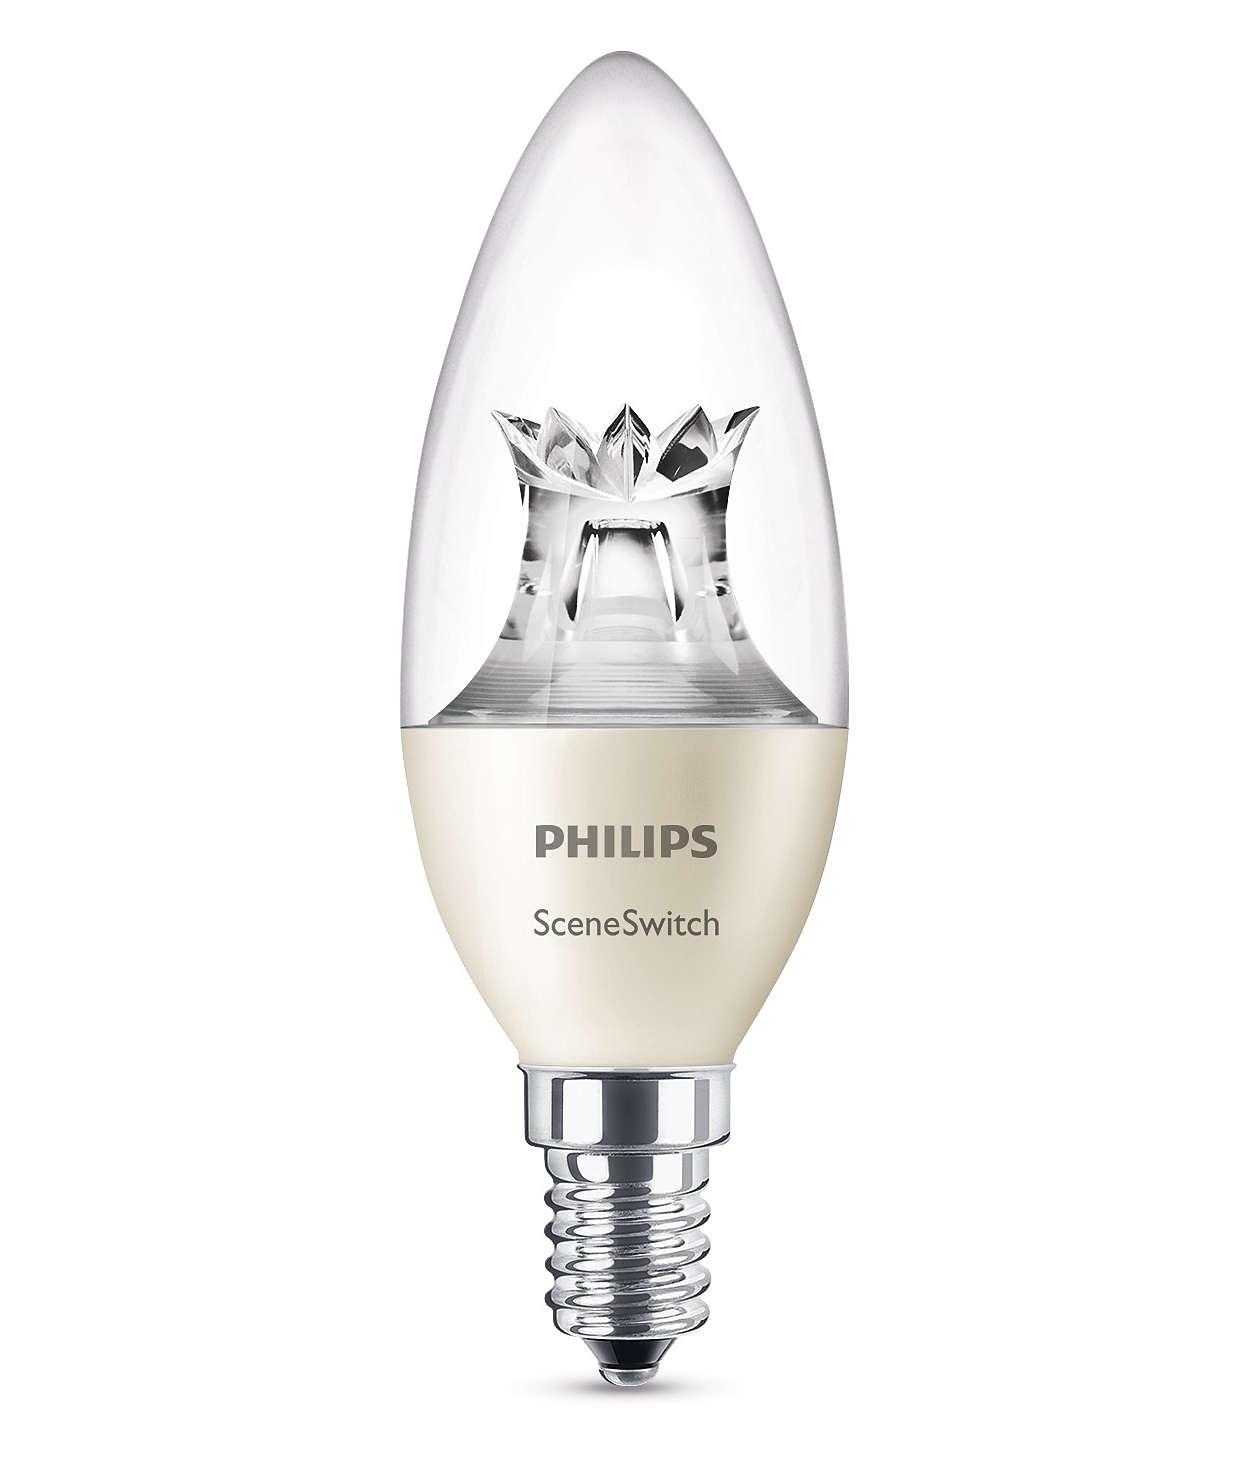 Jedna svíčka, tři světelná nastavení